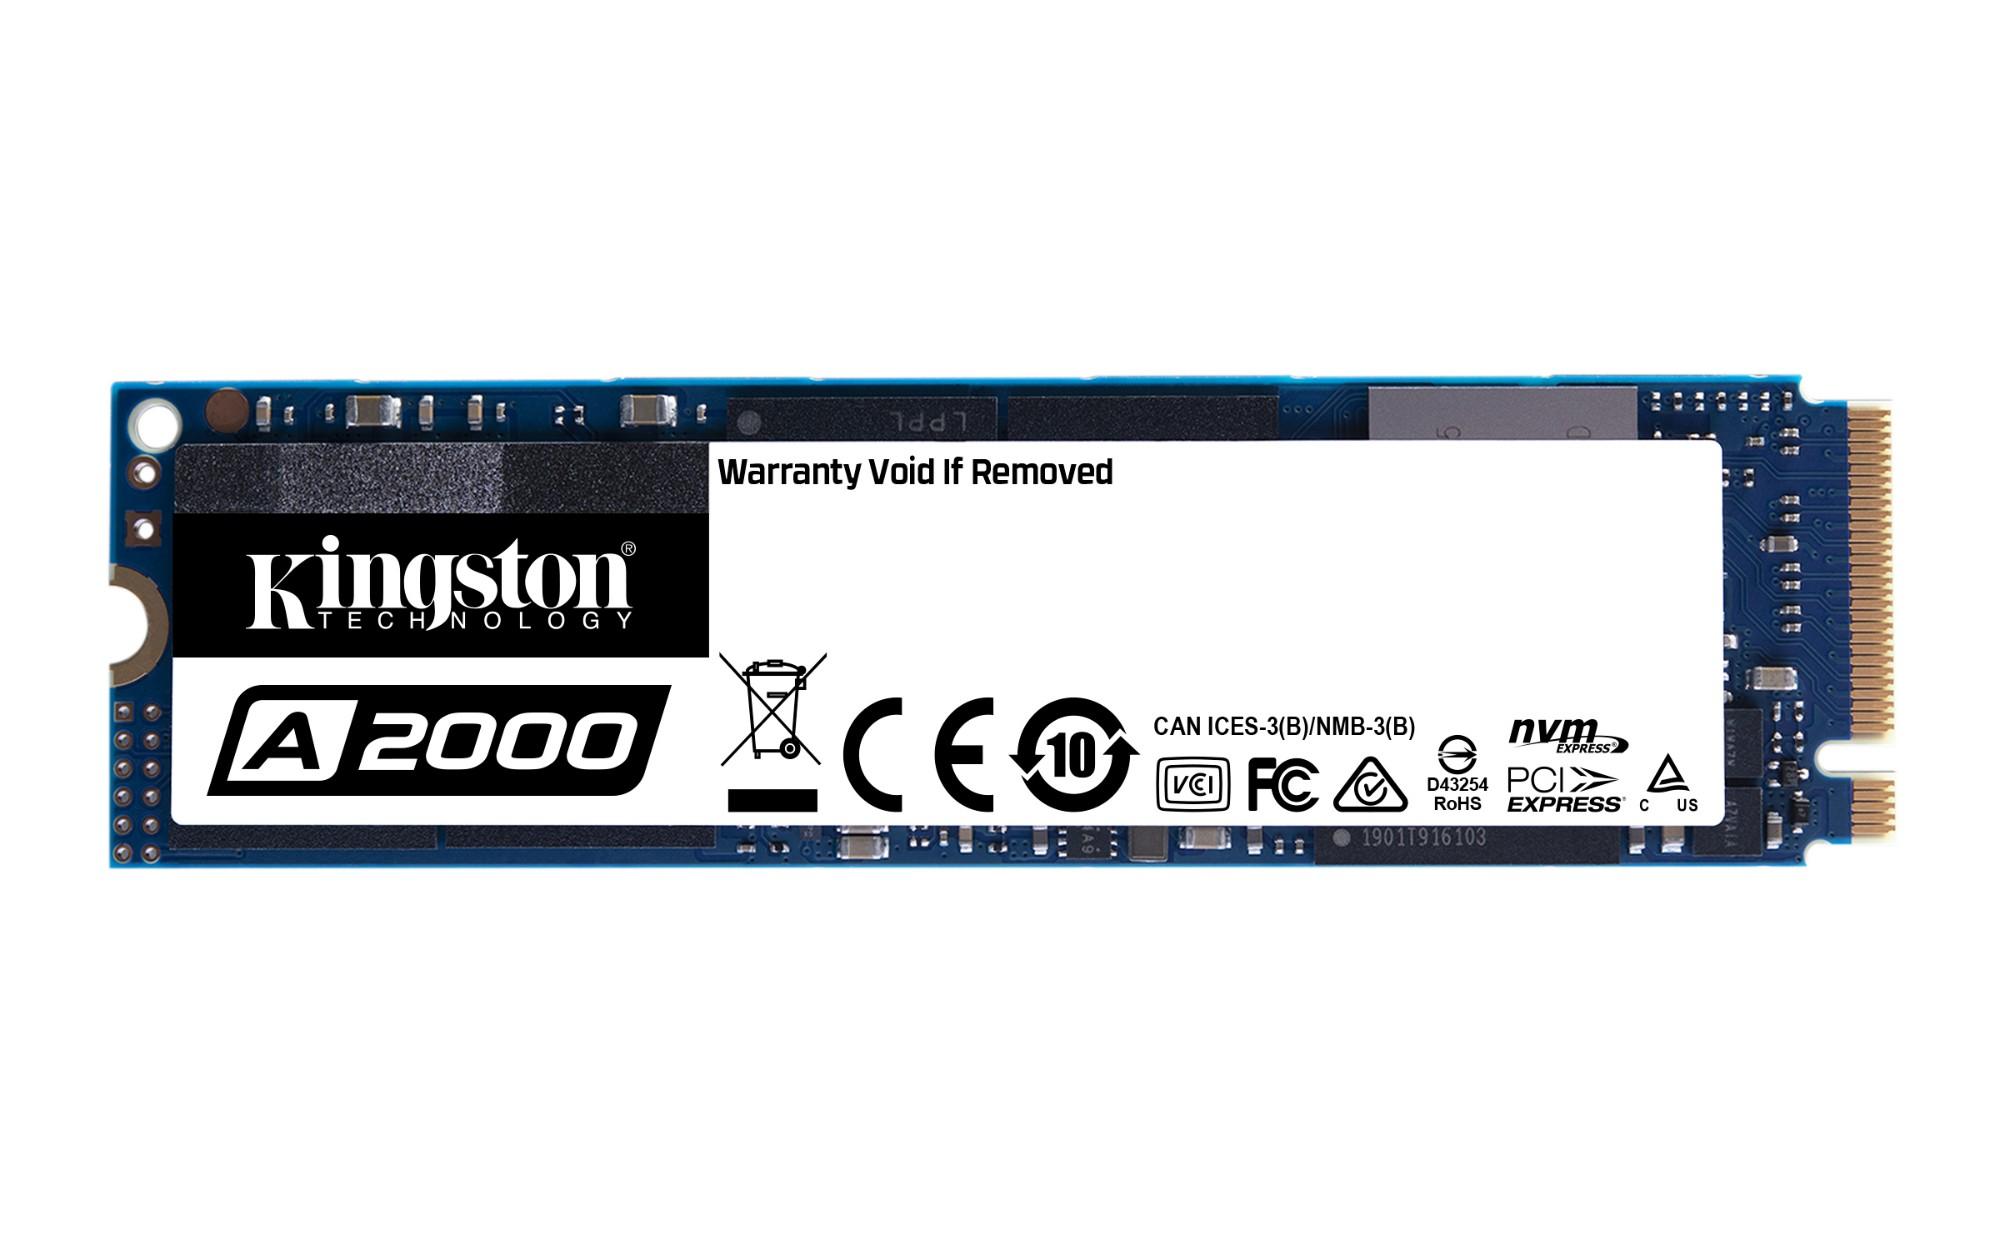 Kingston Technology A2000 M.2 1000 GB PCI Express 3.0 3D NAND NVMe